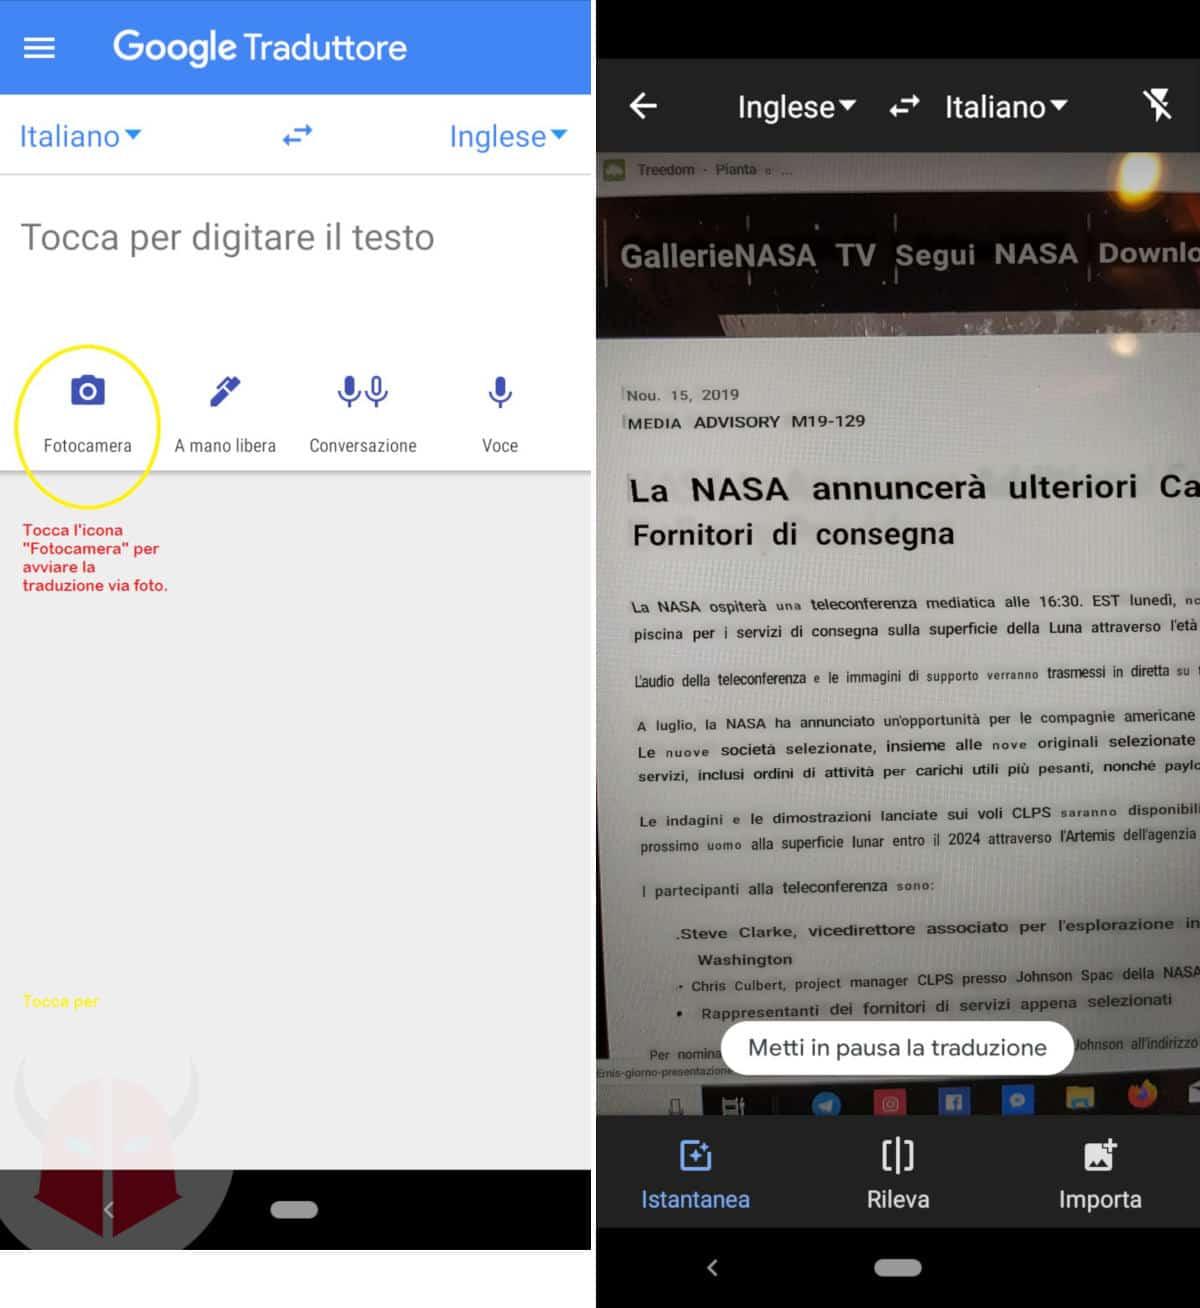 miglior traduttore inglese italiano Google Traduttore fotocamera